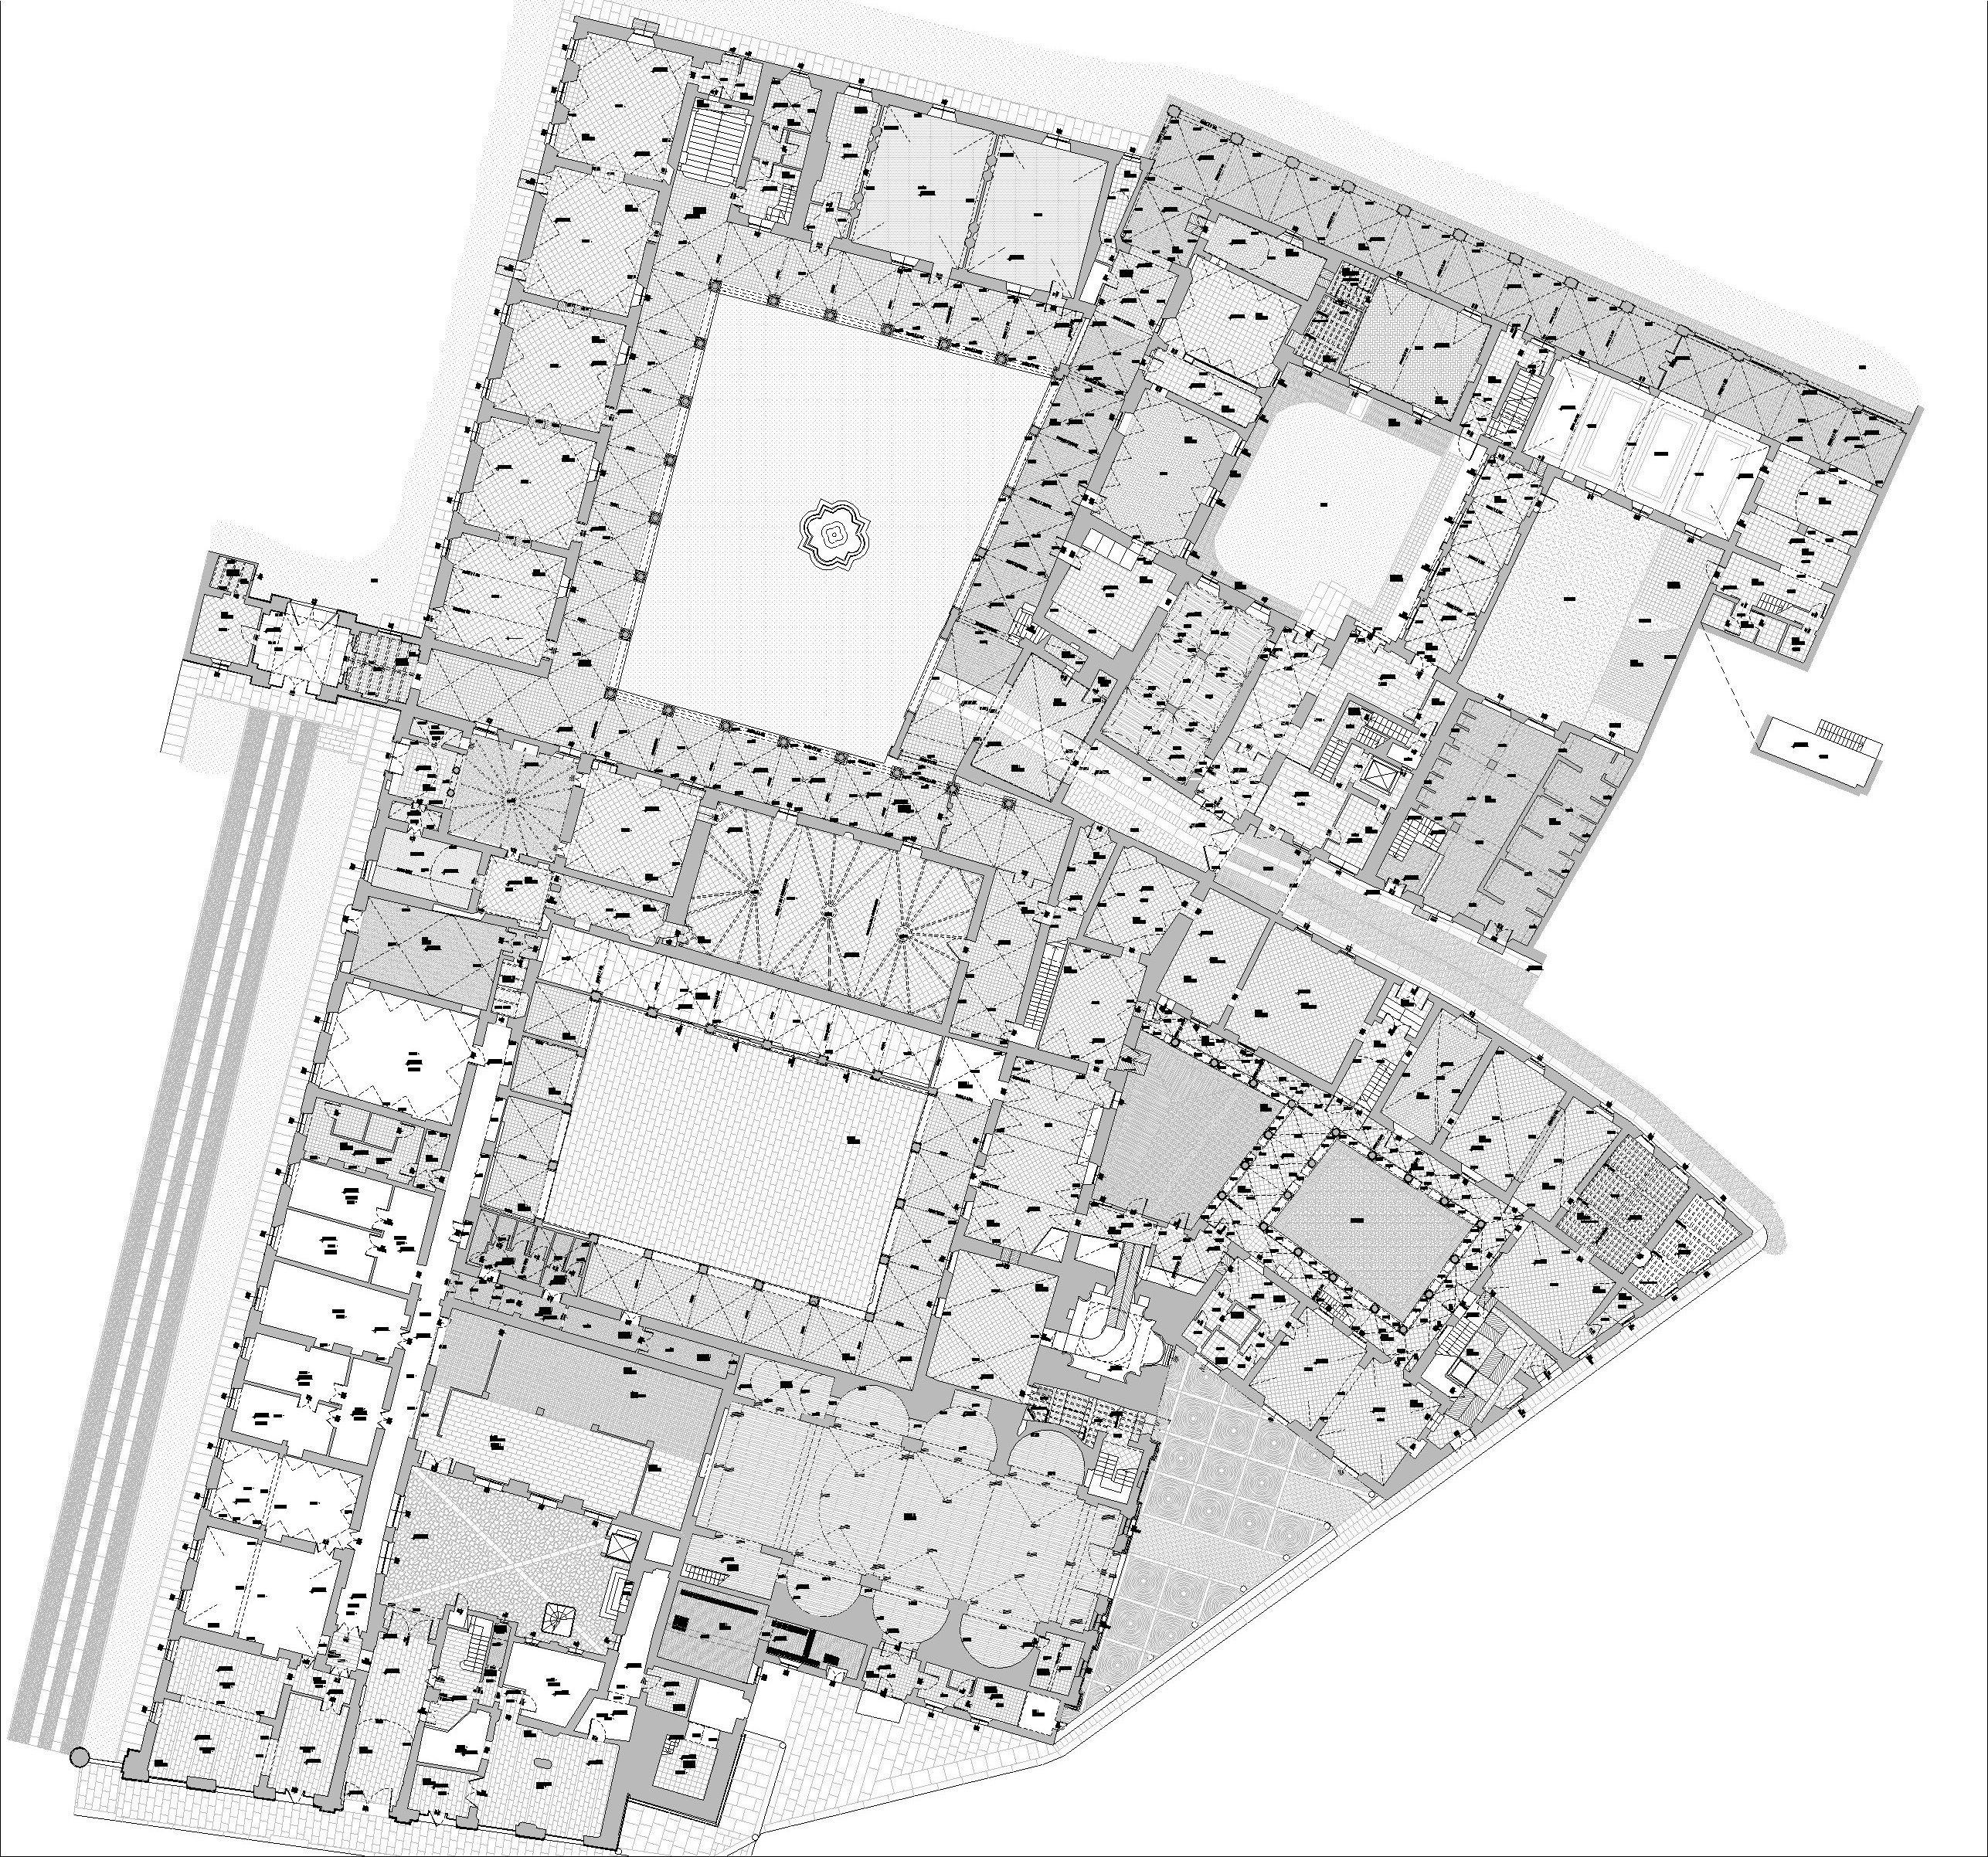 Mappa del sistema di assetto urbano e sviluppo